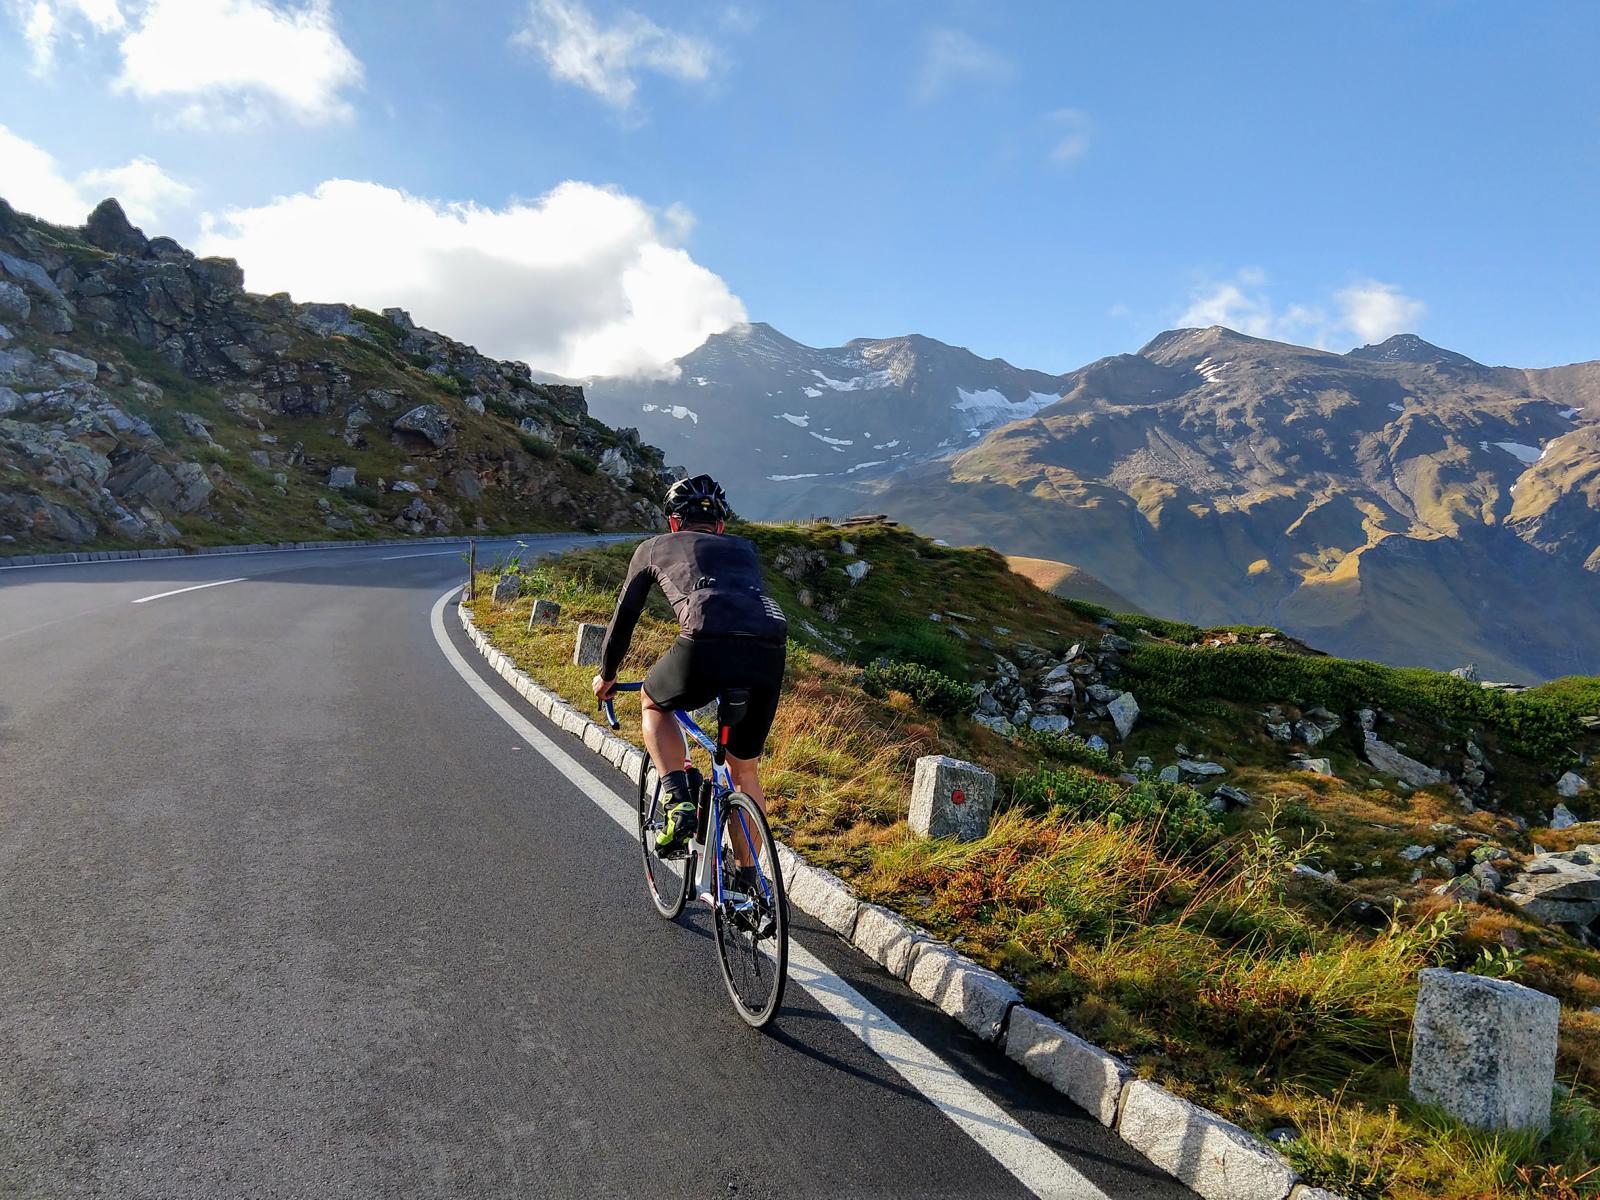 Rennradtour - Großglockner Hochalpenstraße, Edelweißspitze & Kaiser-Franz-Josefs-Höhe